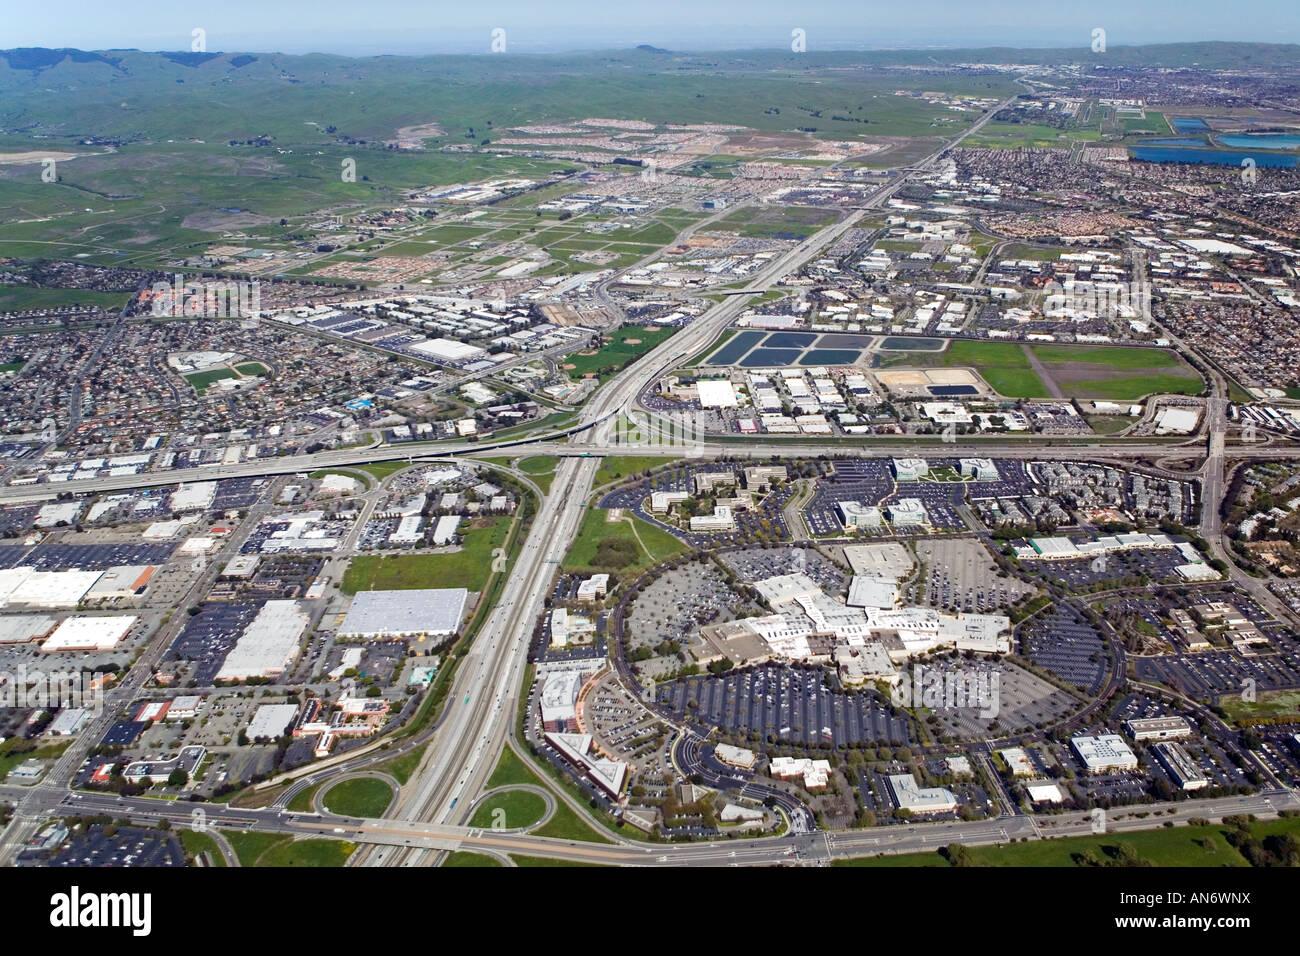 Tri Valley Alameda county I-580 Luftbild zum Osten Dublin und Pleasanton Stoneridge Shopping Center im Vordergrund Stockbild